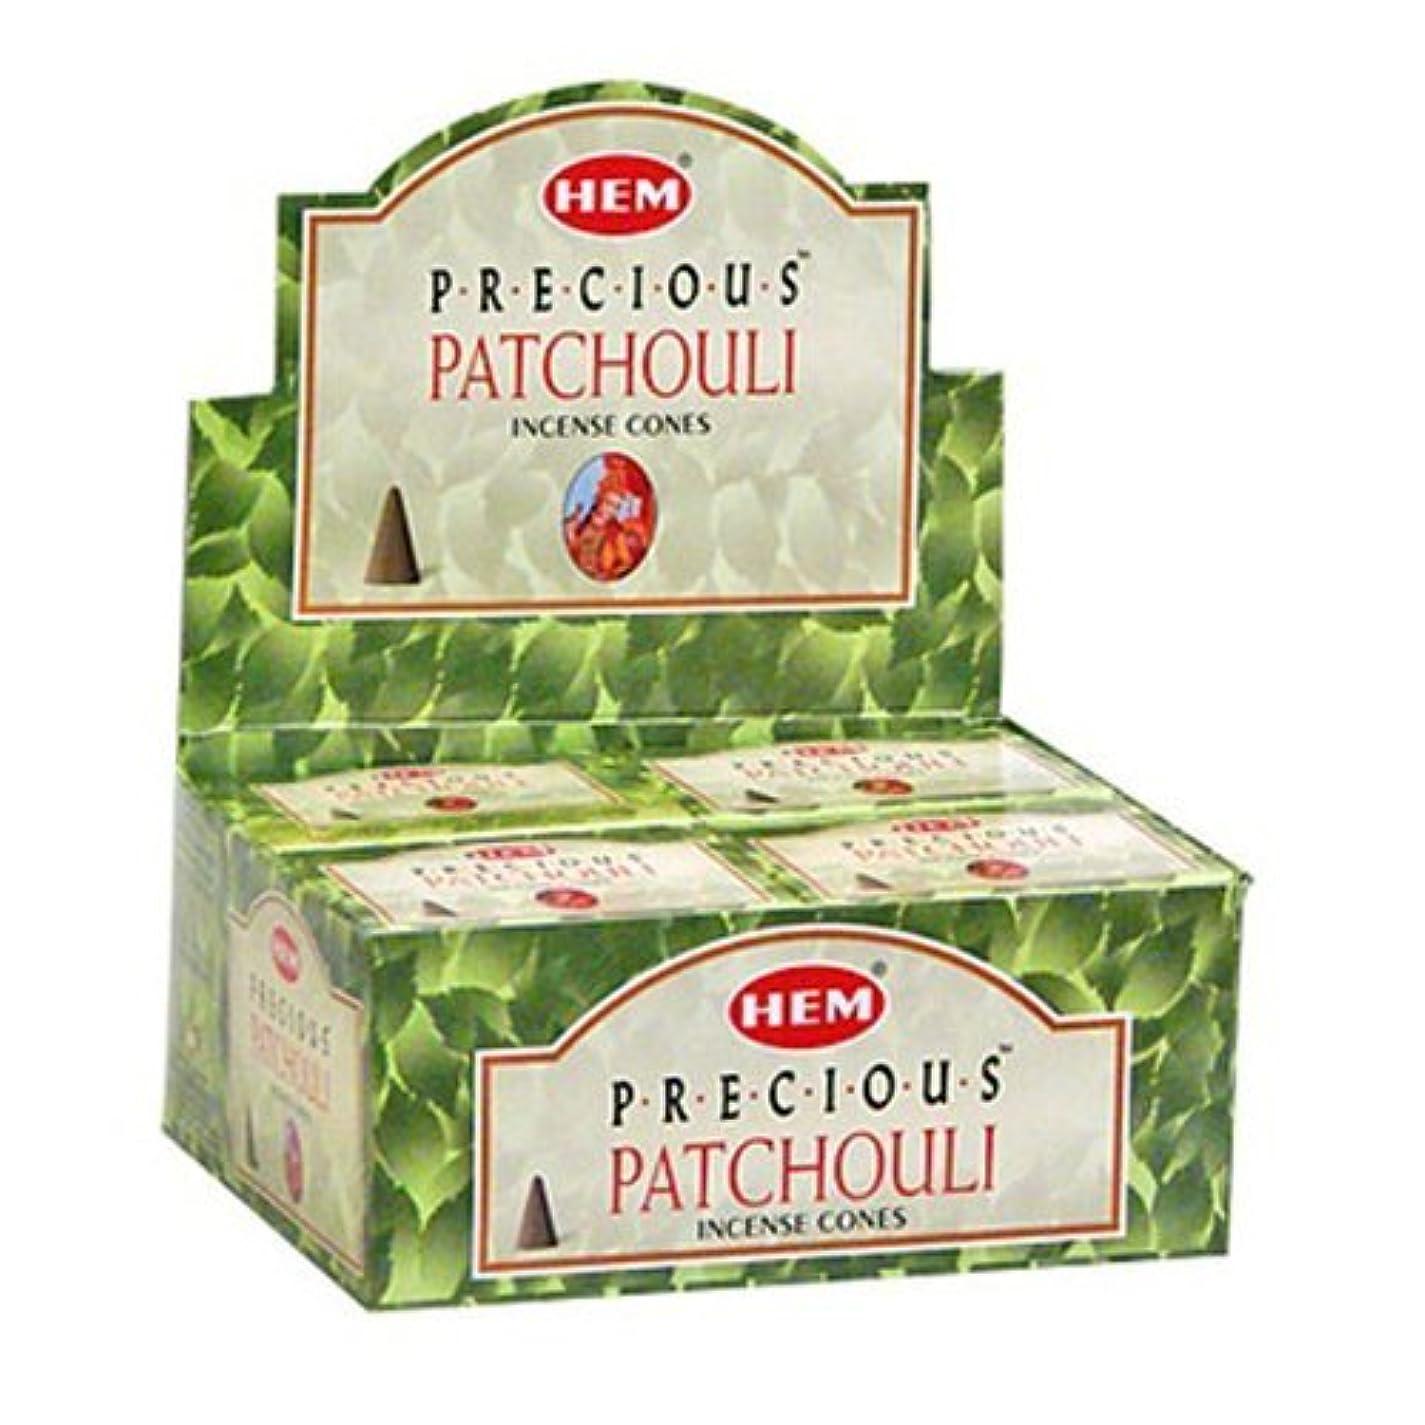 に対応する物理的な異なるHem Preciousパチュリコーンお香?–?4パック、10?Cones 1パック